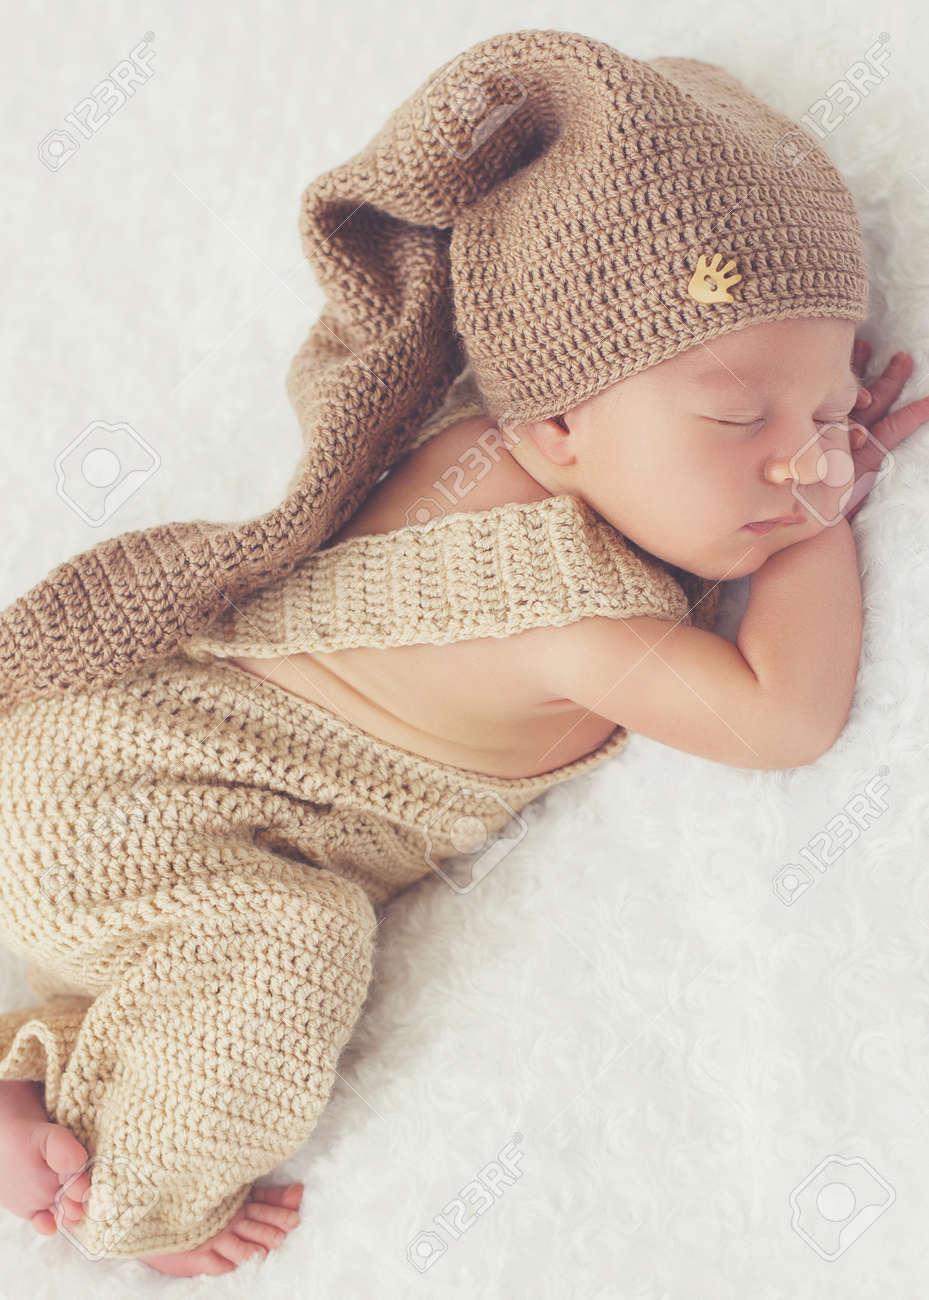 fc075a26cc00 Lindo bebé recién nacido en un traje de punto beige y un gorro de lana  marrón, doblada debajo de la cabeza y el mango apretando los pies,  dispuesto a ...